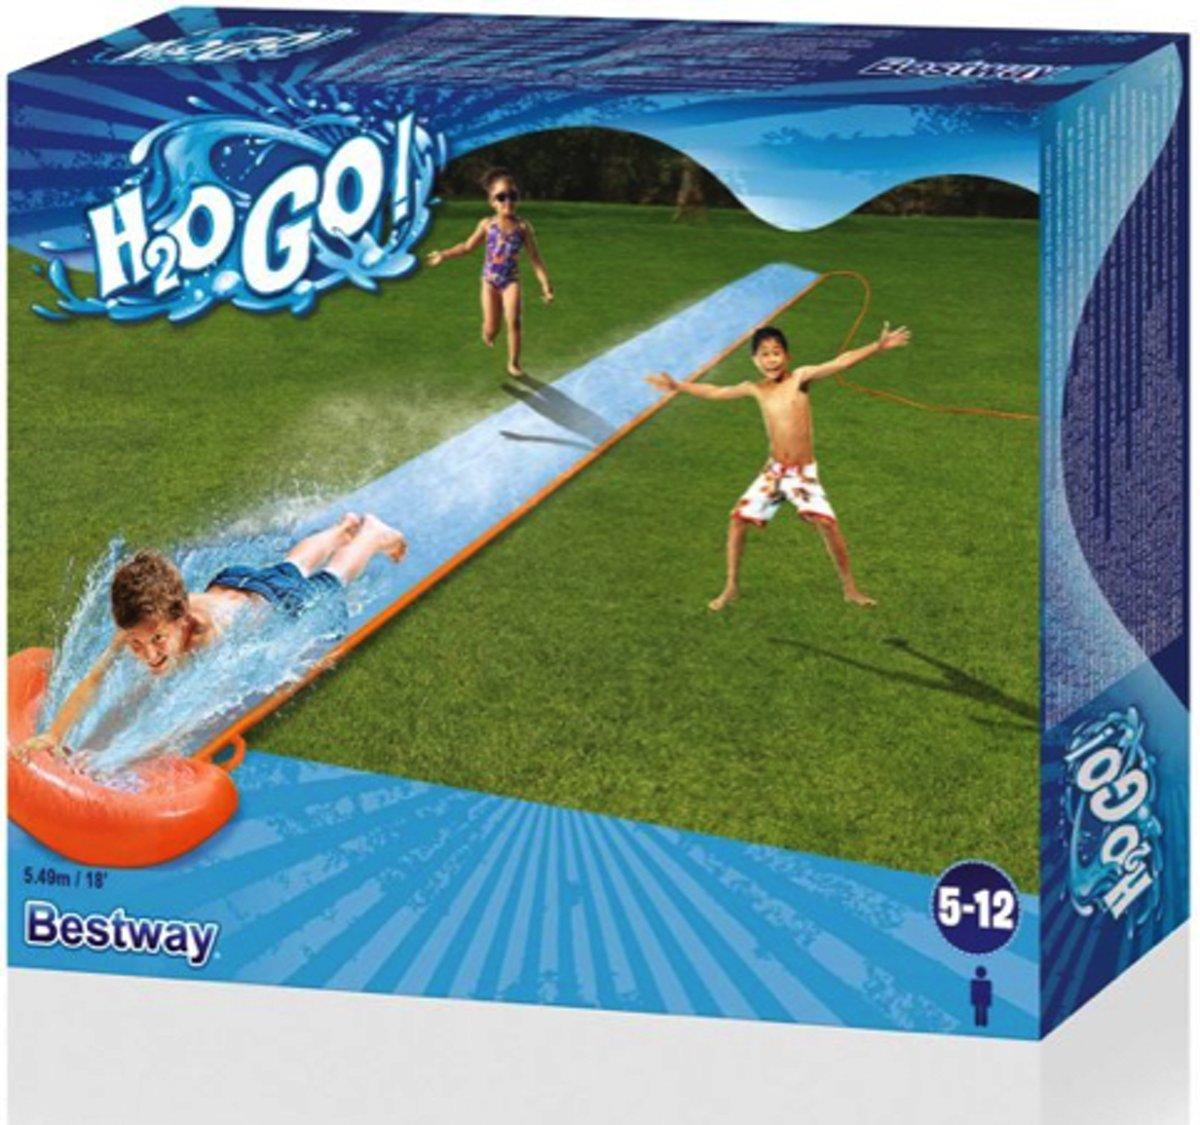 Waterglijbaan - 550 centimeter lang!